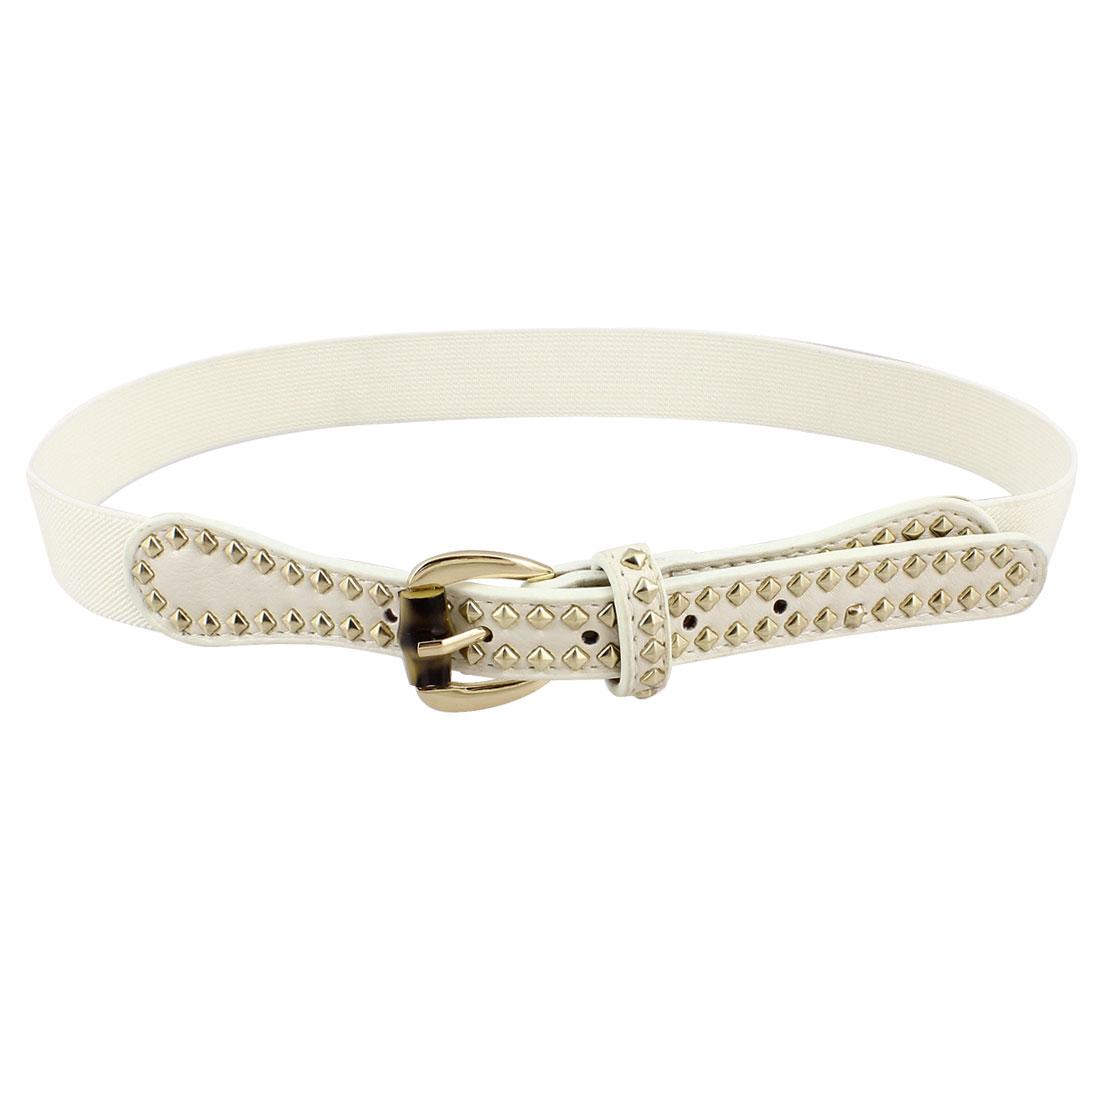 Women Metal Studs Decor Stretchy Band Waistbelt Cinch Belt White